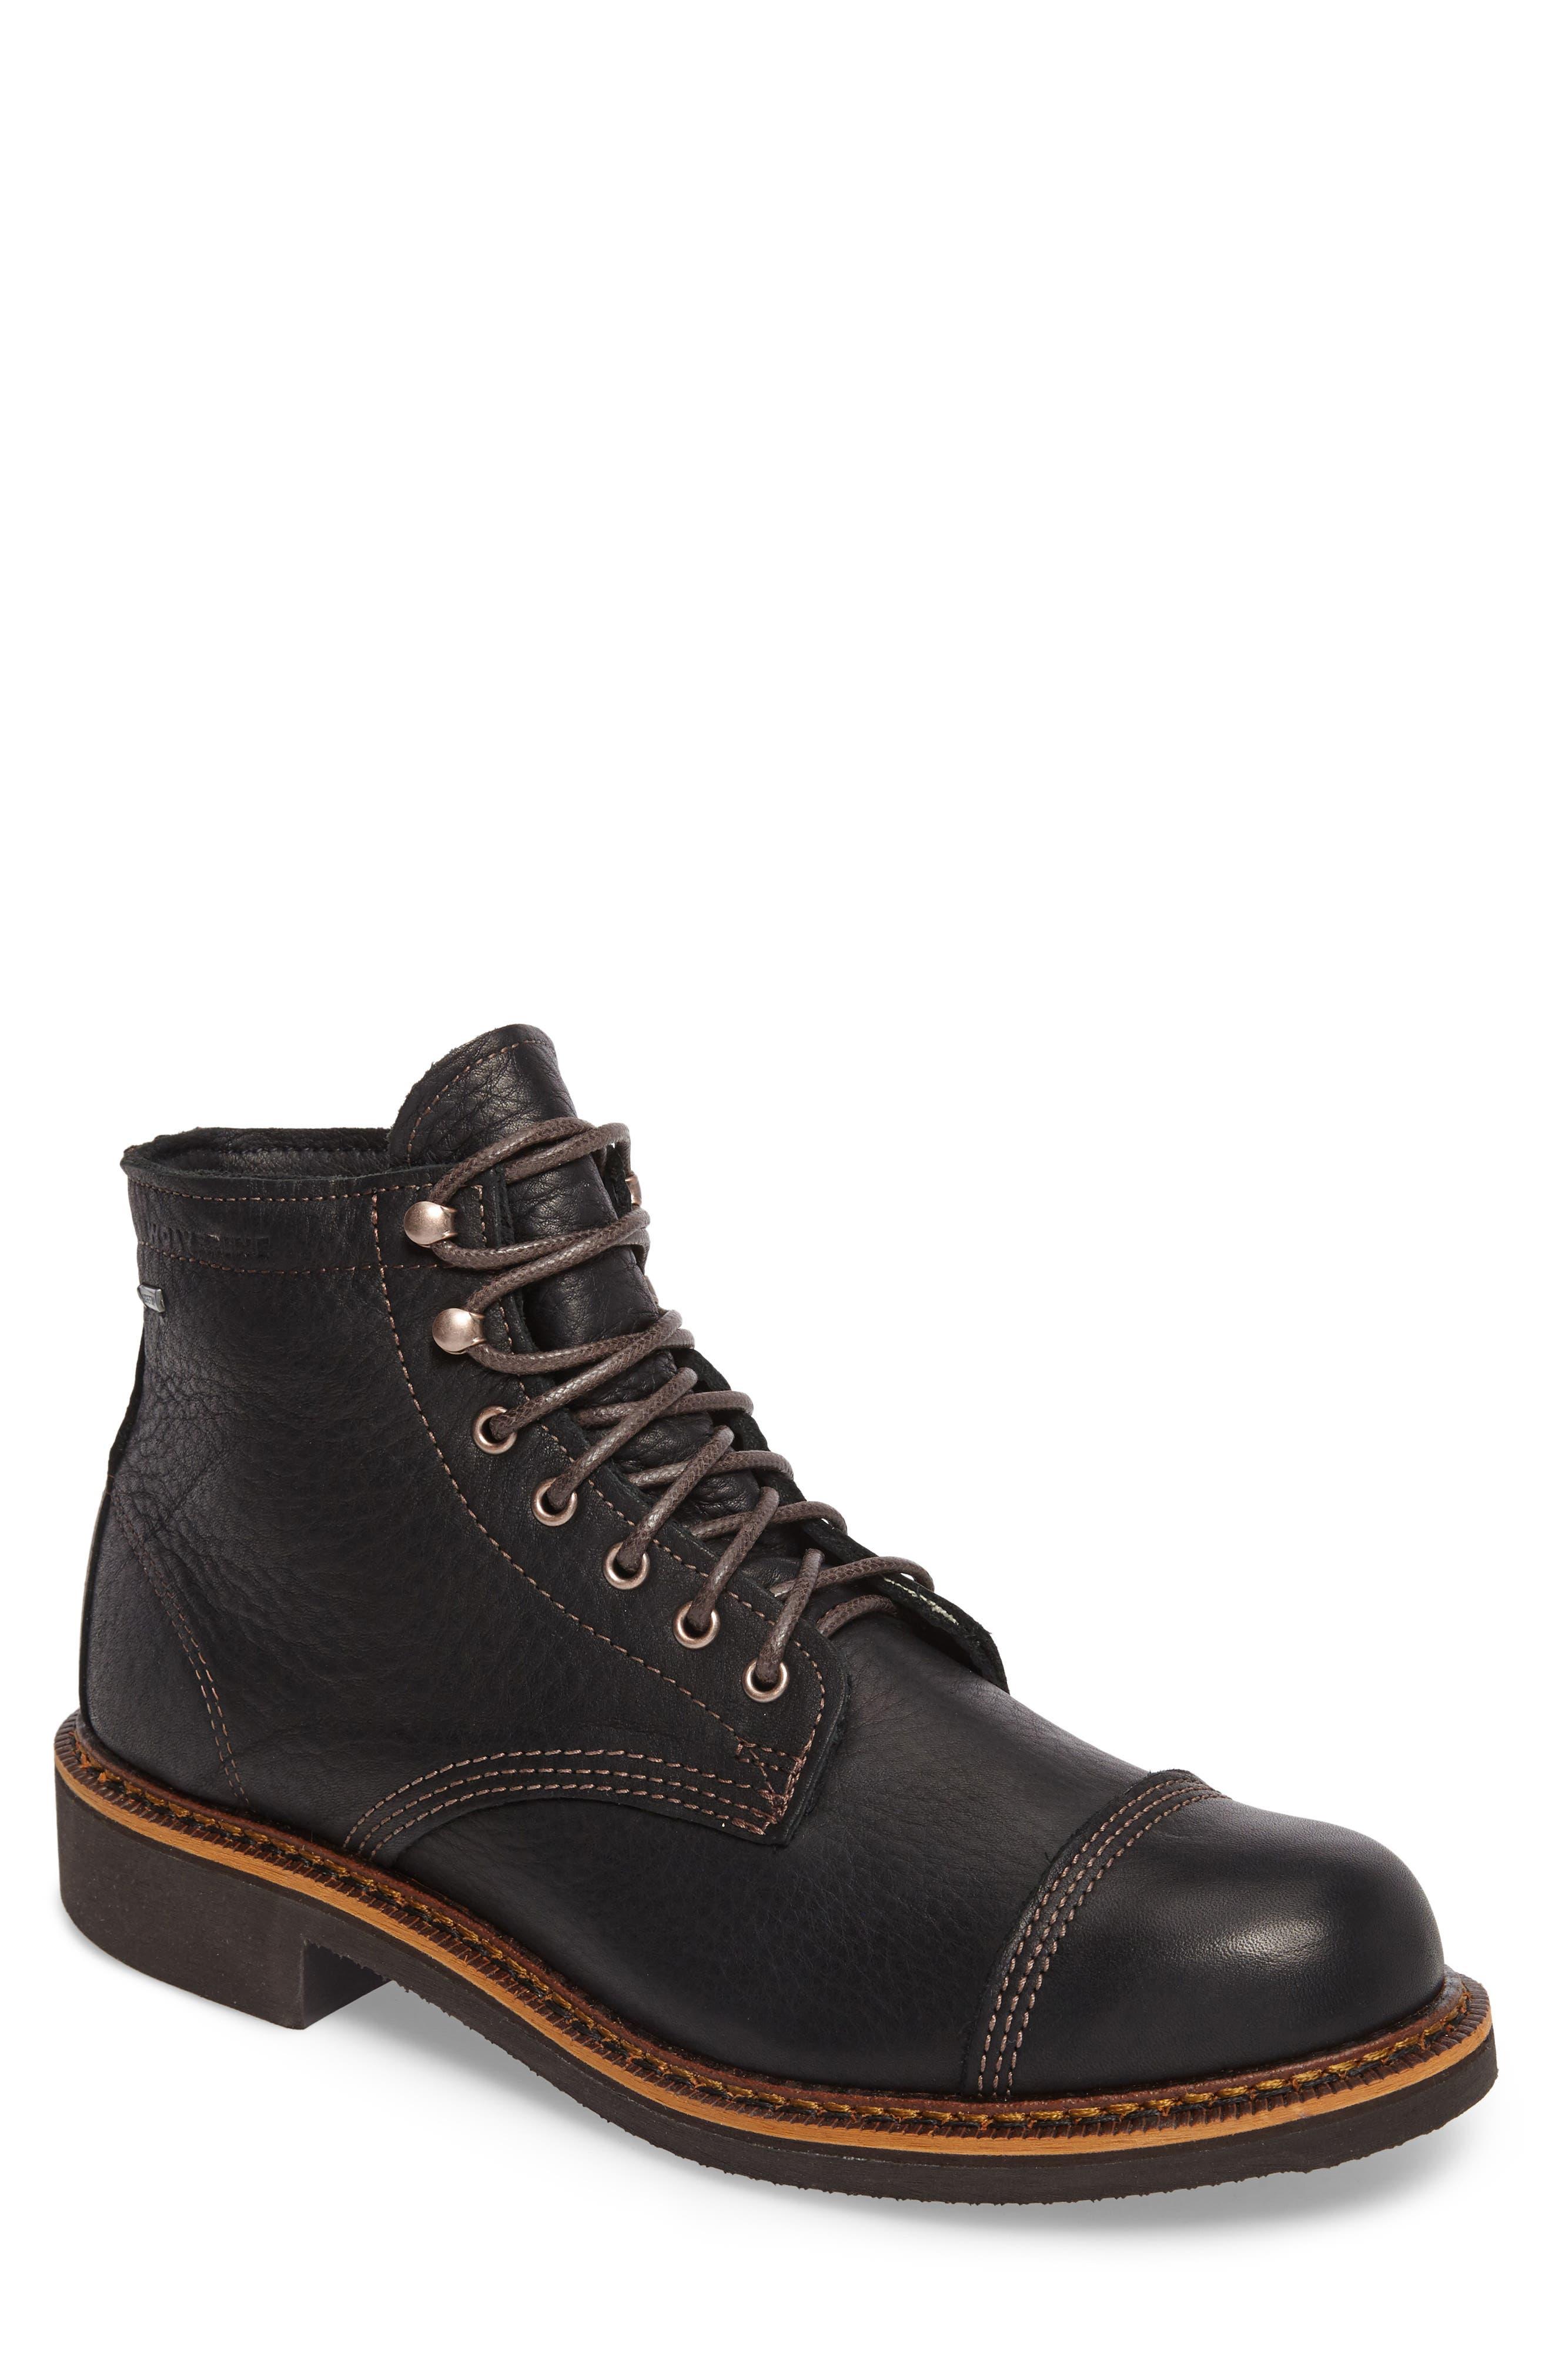 Jensen Cap Toe Boot,                             Main thumbnail 1, color,                             BLACK